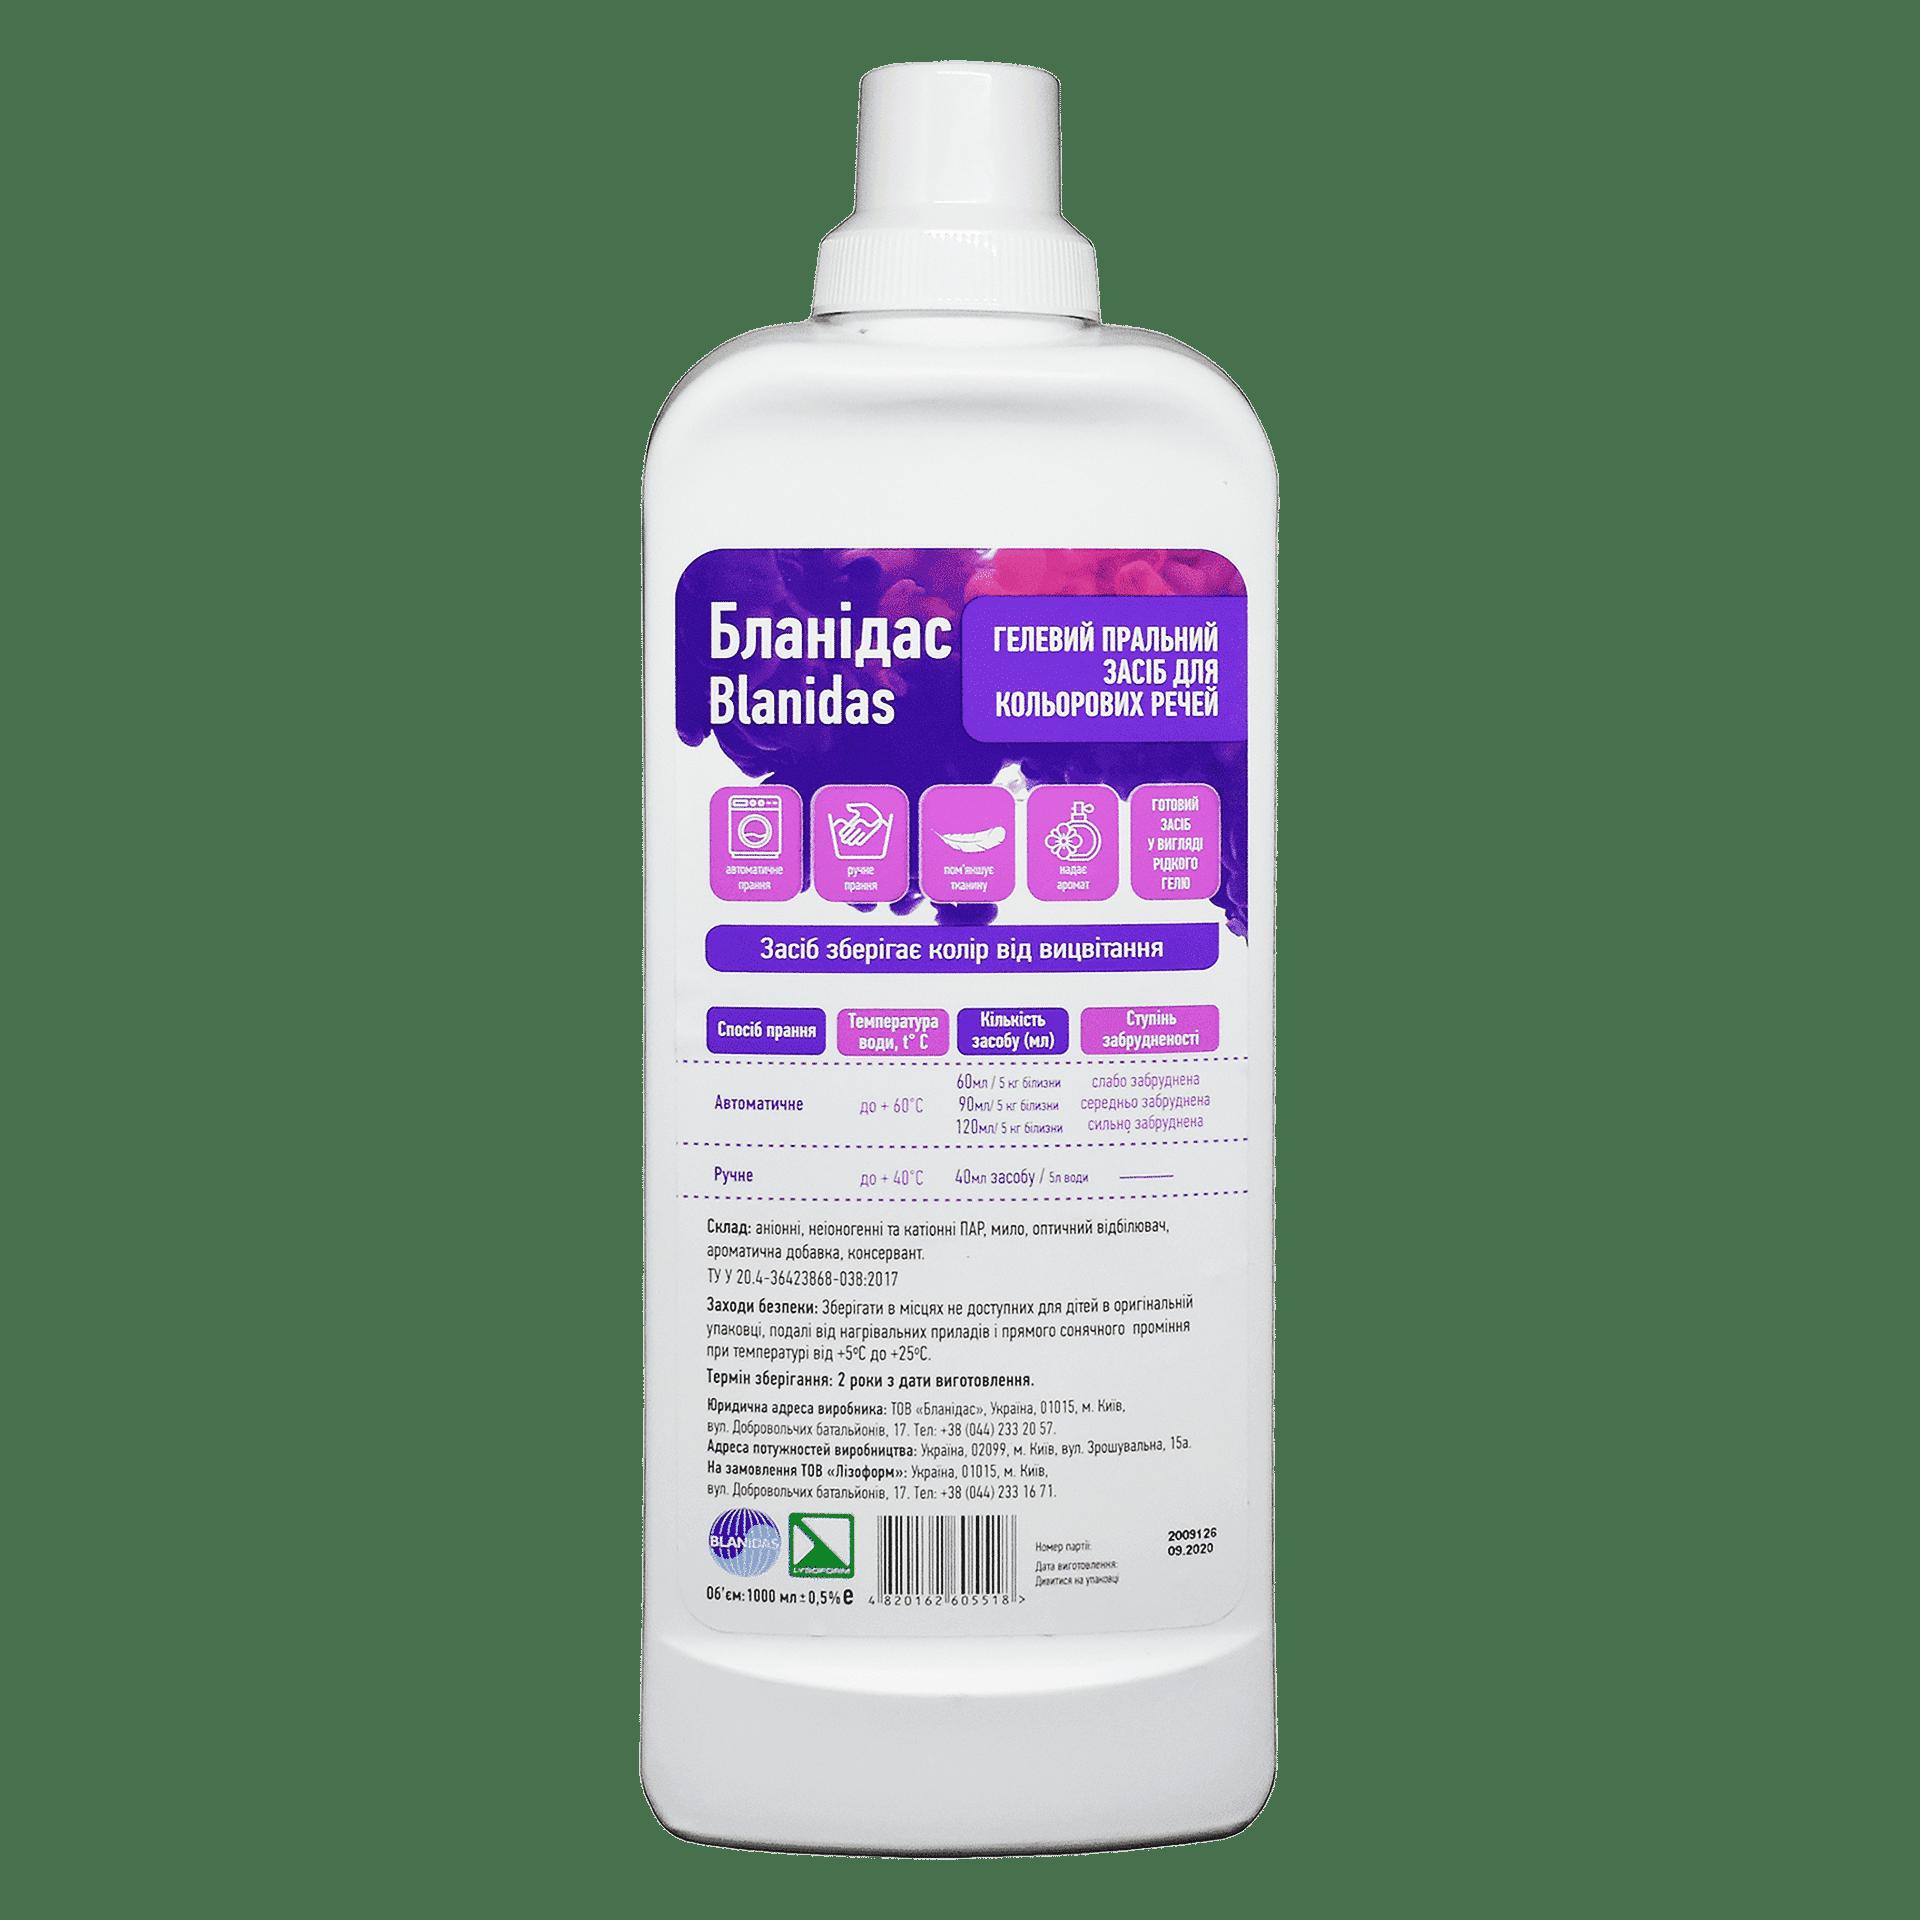 Бланідас- гелевий пральний засіб для кольорових речей, 1л